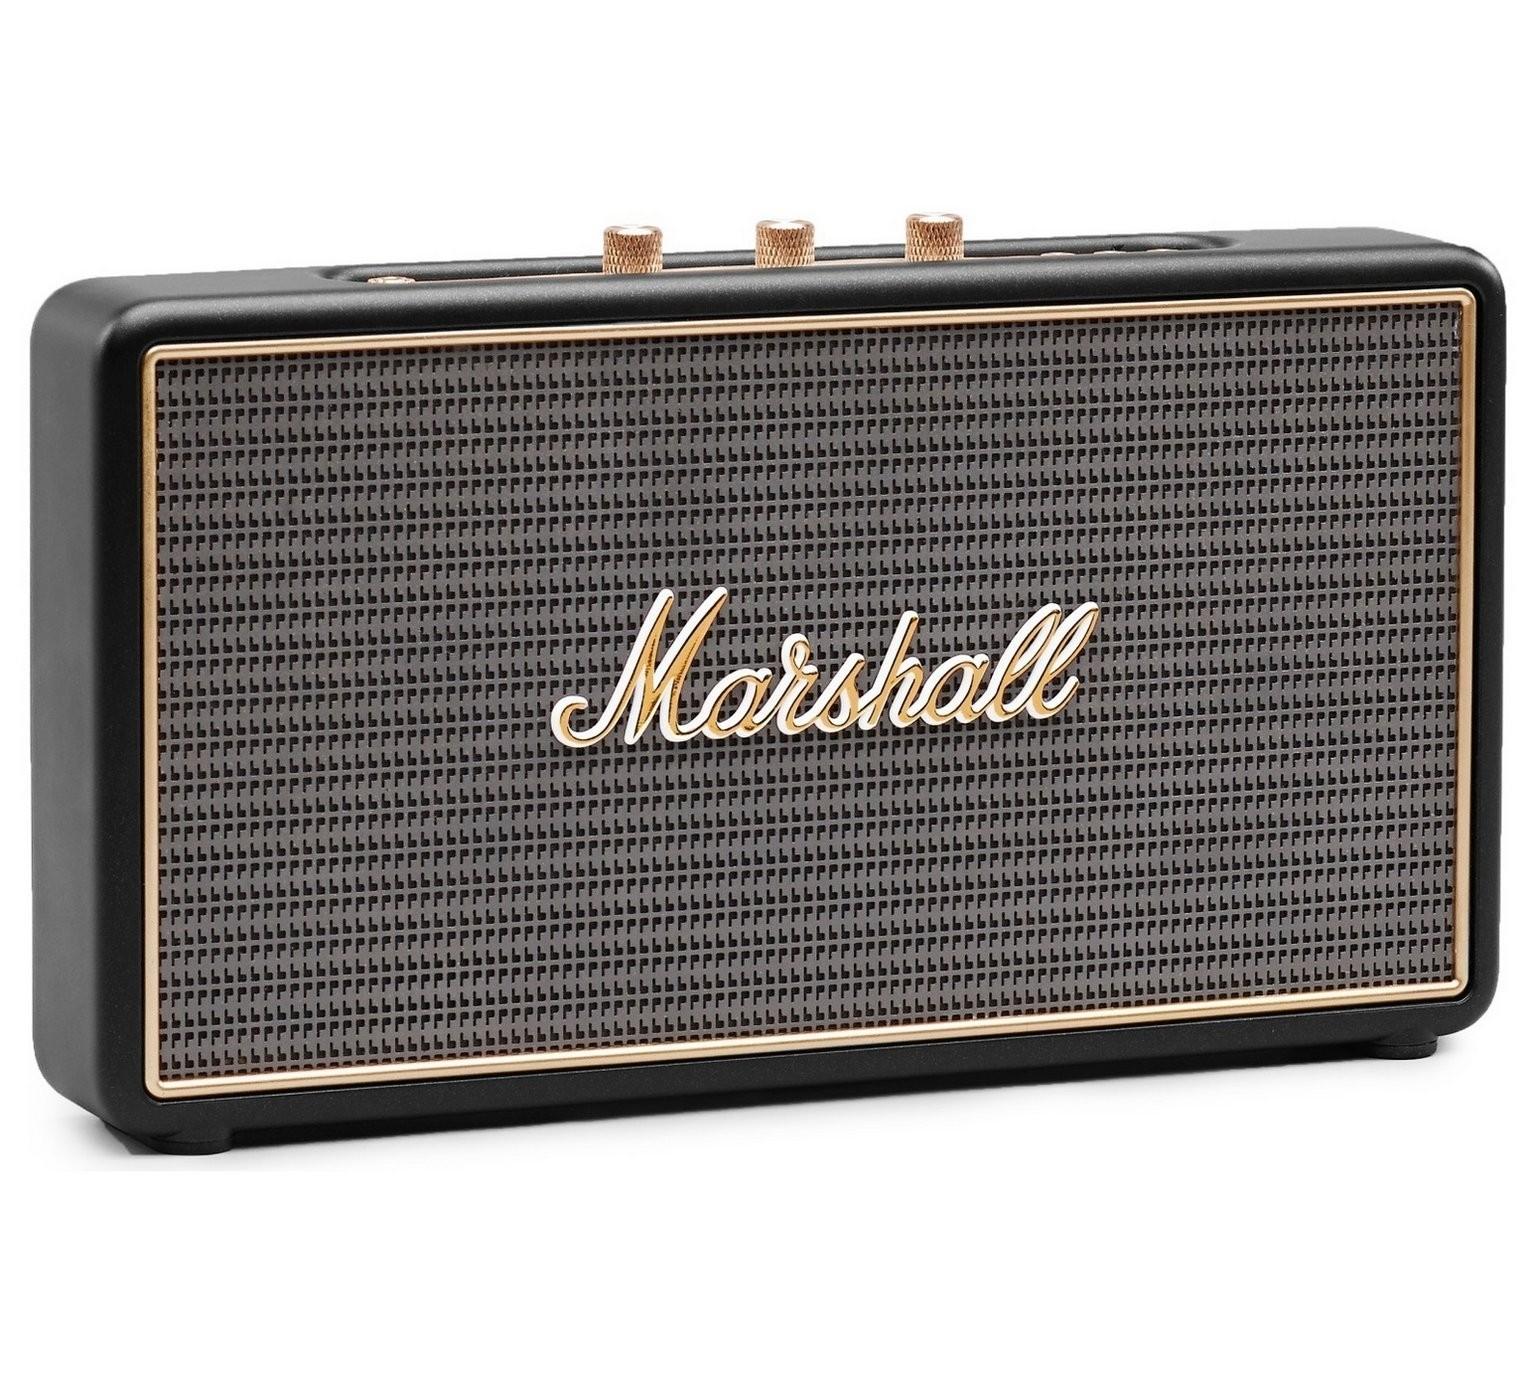 Marshall Stockwell – Mang thiết kế đặc trưng của loa Marshall